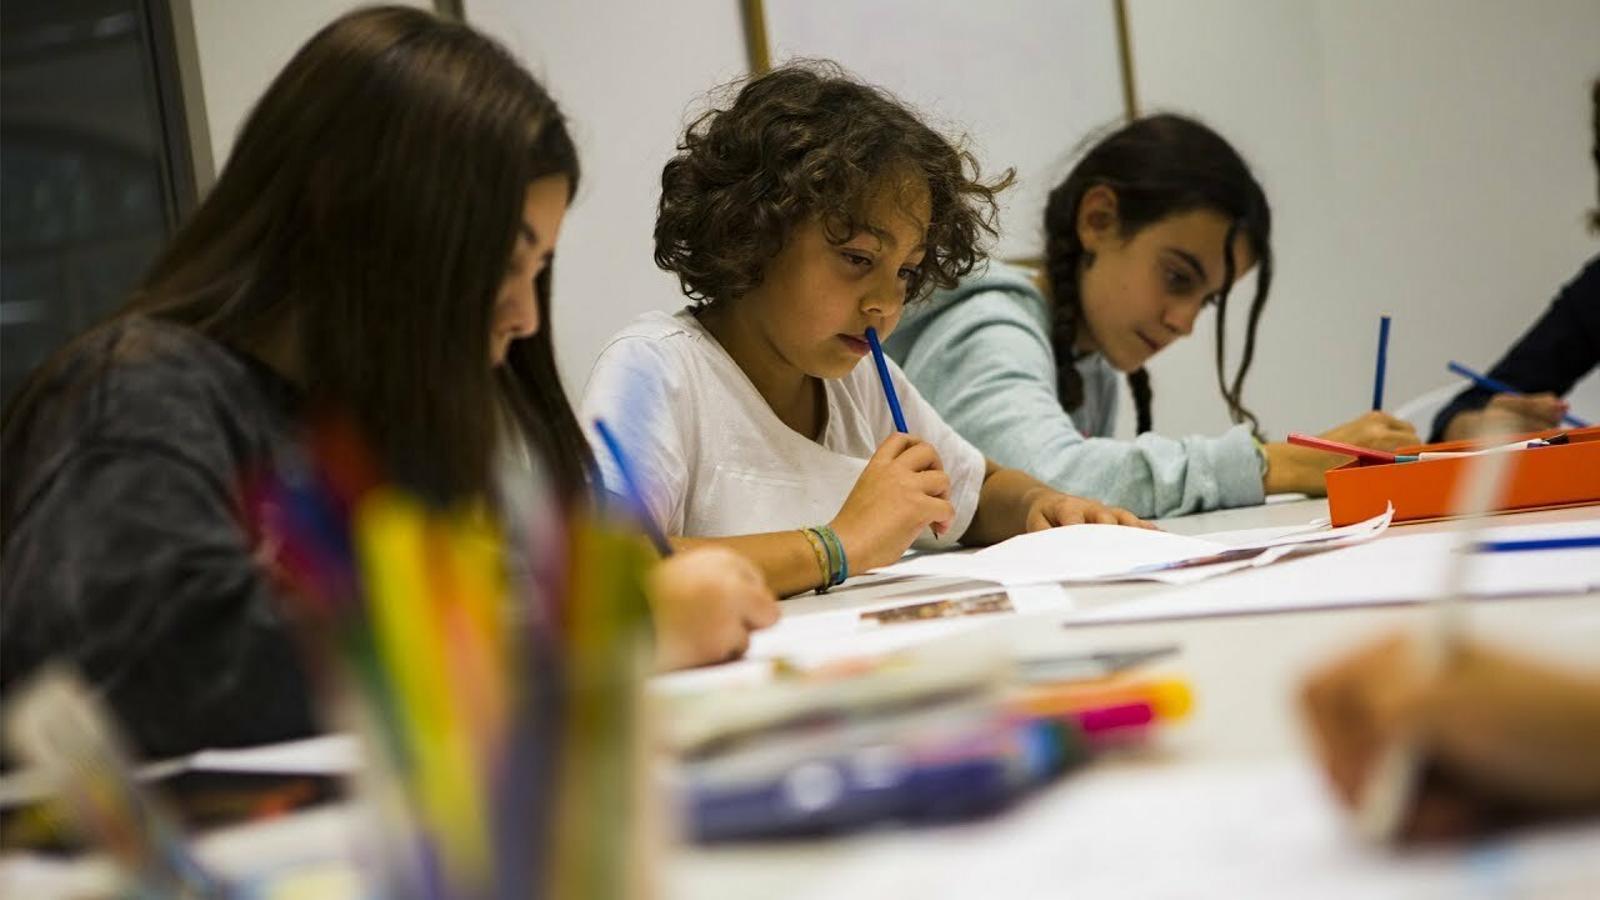 Nens i nenes dibuixen l'ARA del Dia Internacional de la Infància